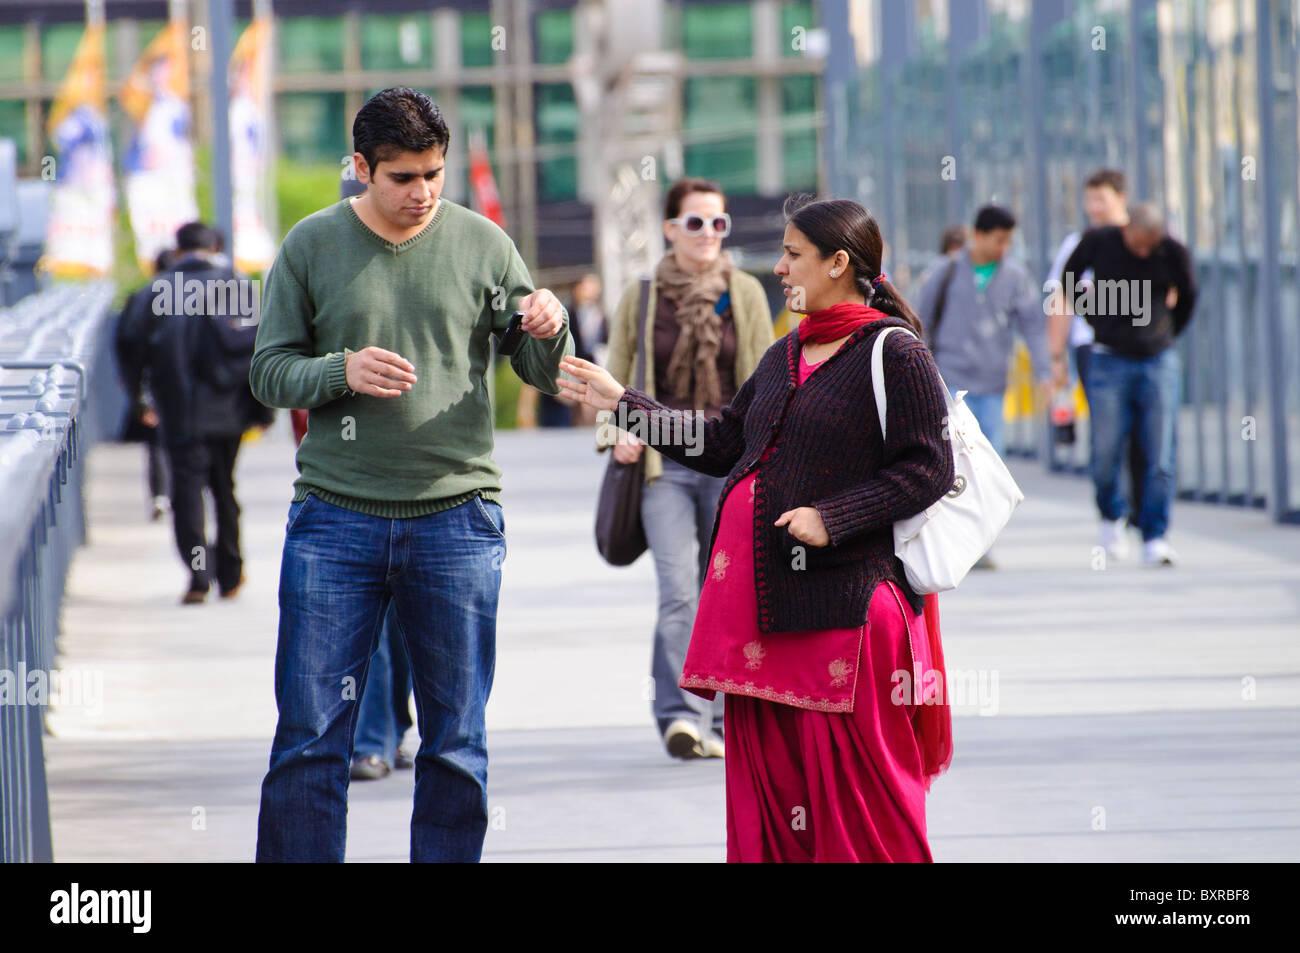 Minoría Étnica india en Australia: los migrantes o pareja de estudiante extranjero. Las mujeres, vestidas con el traje tradicional, está embarazada. Foto de stock